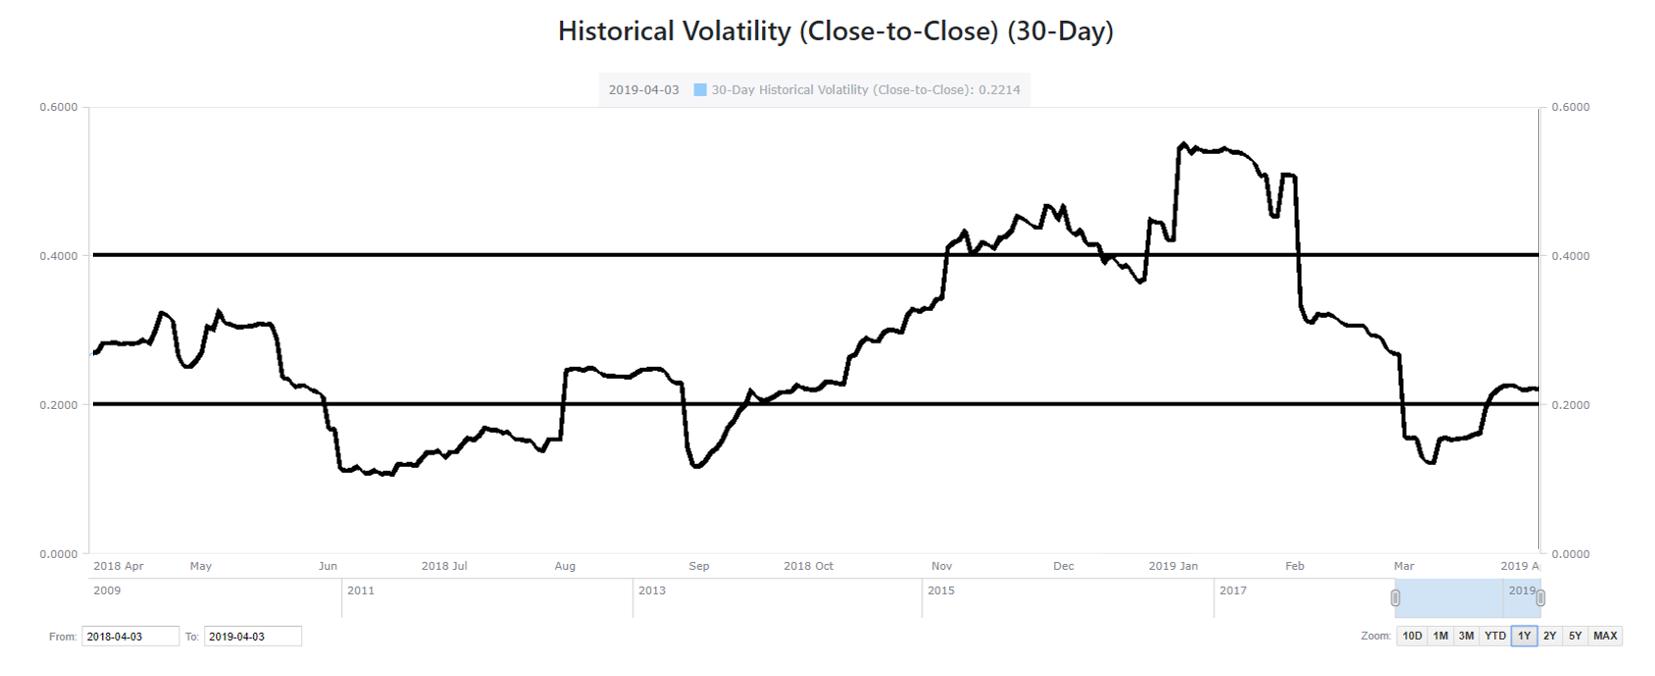 Historische Volatilität von Apple - Optionstheorie: Standardabweichung, Normalverteilung und historische Volatilität